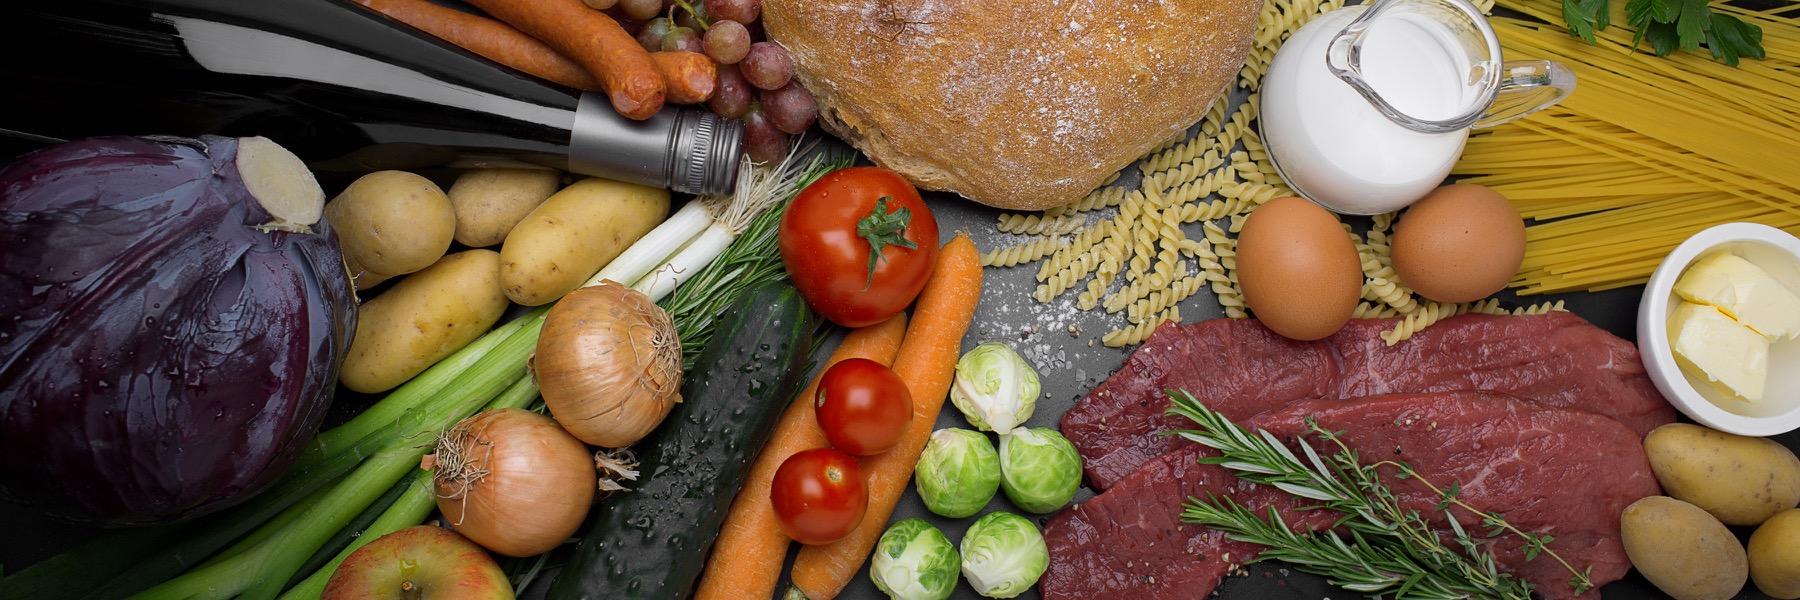 Online-Lebensmittel-Lieferdienste